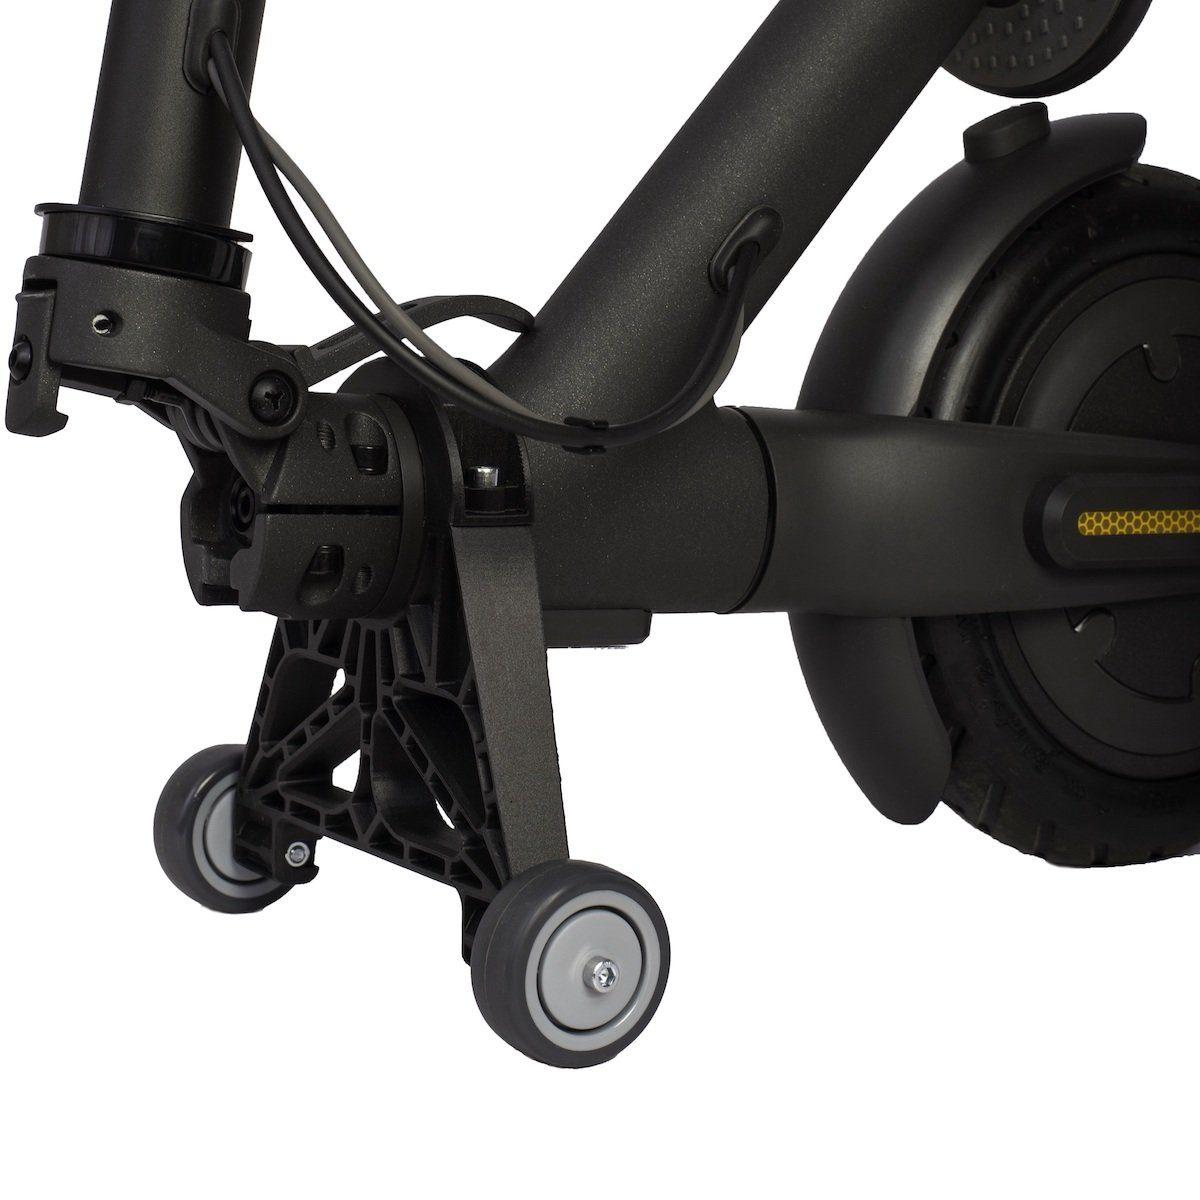 Trolley XIAOMI M365 T-BAR - TROTTINETTE ELECTRIQUE 2